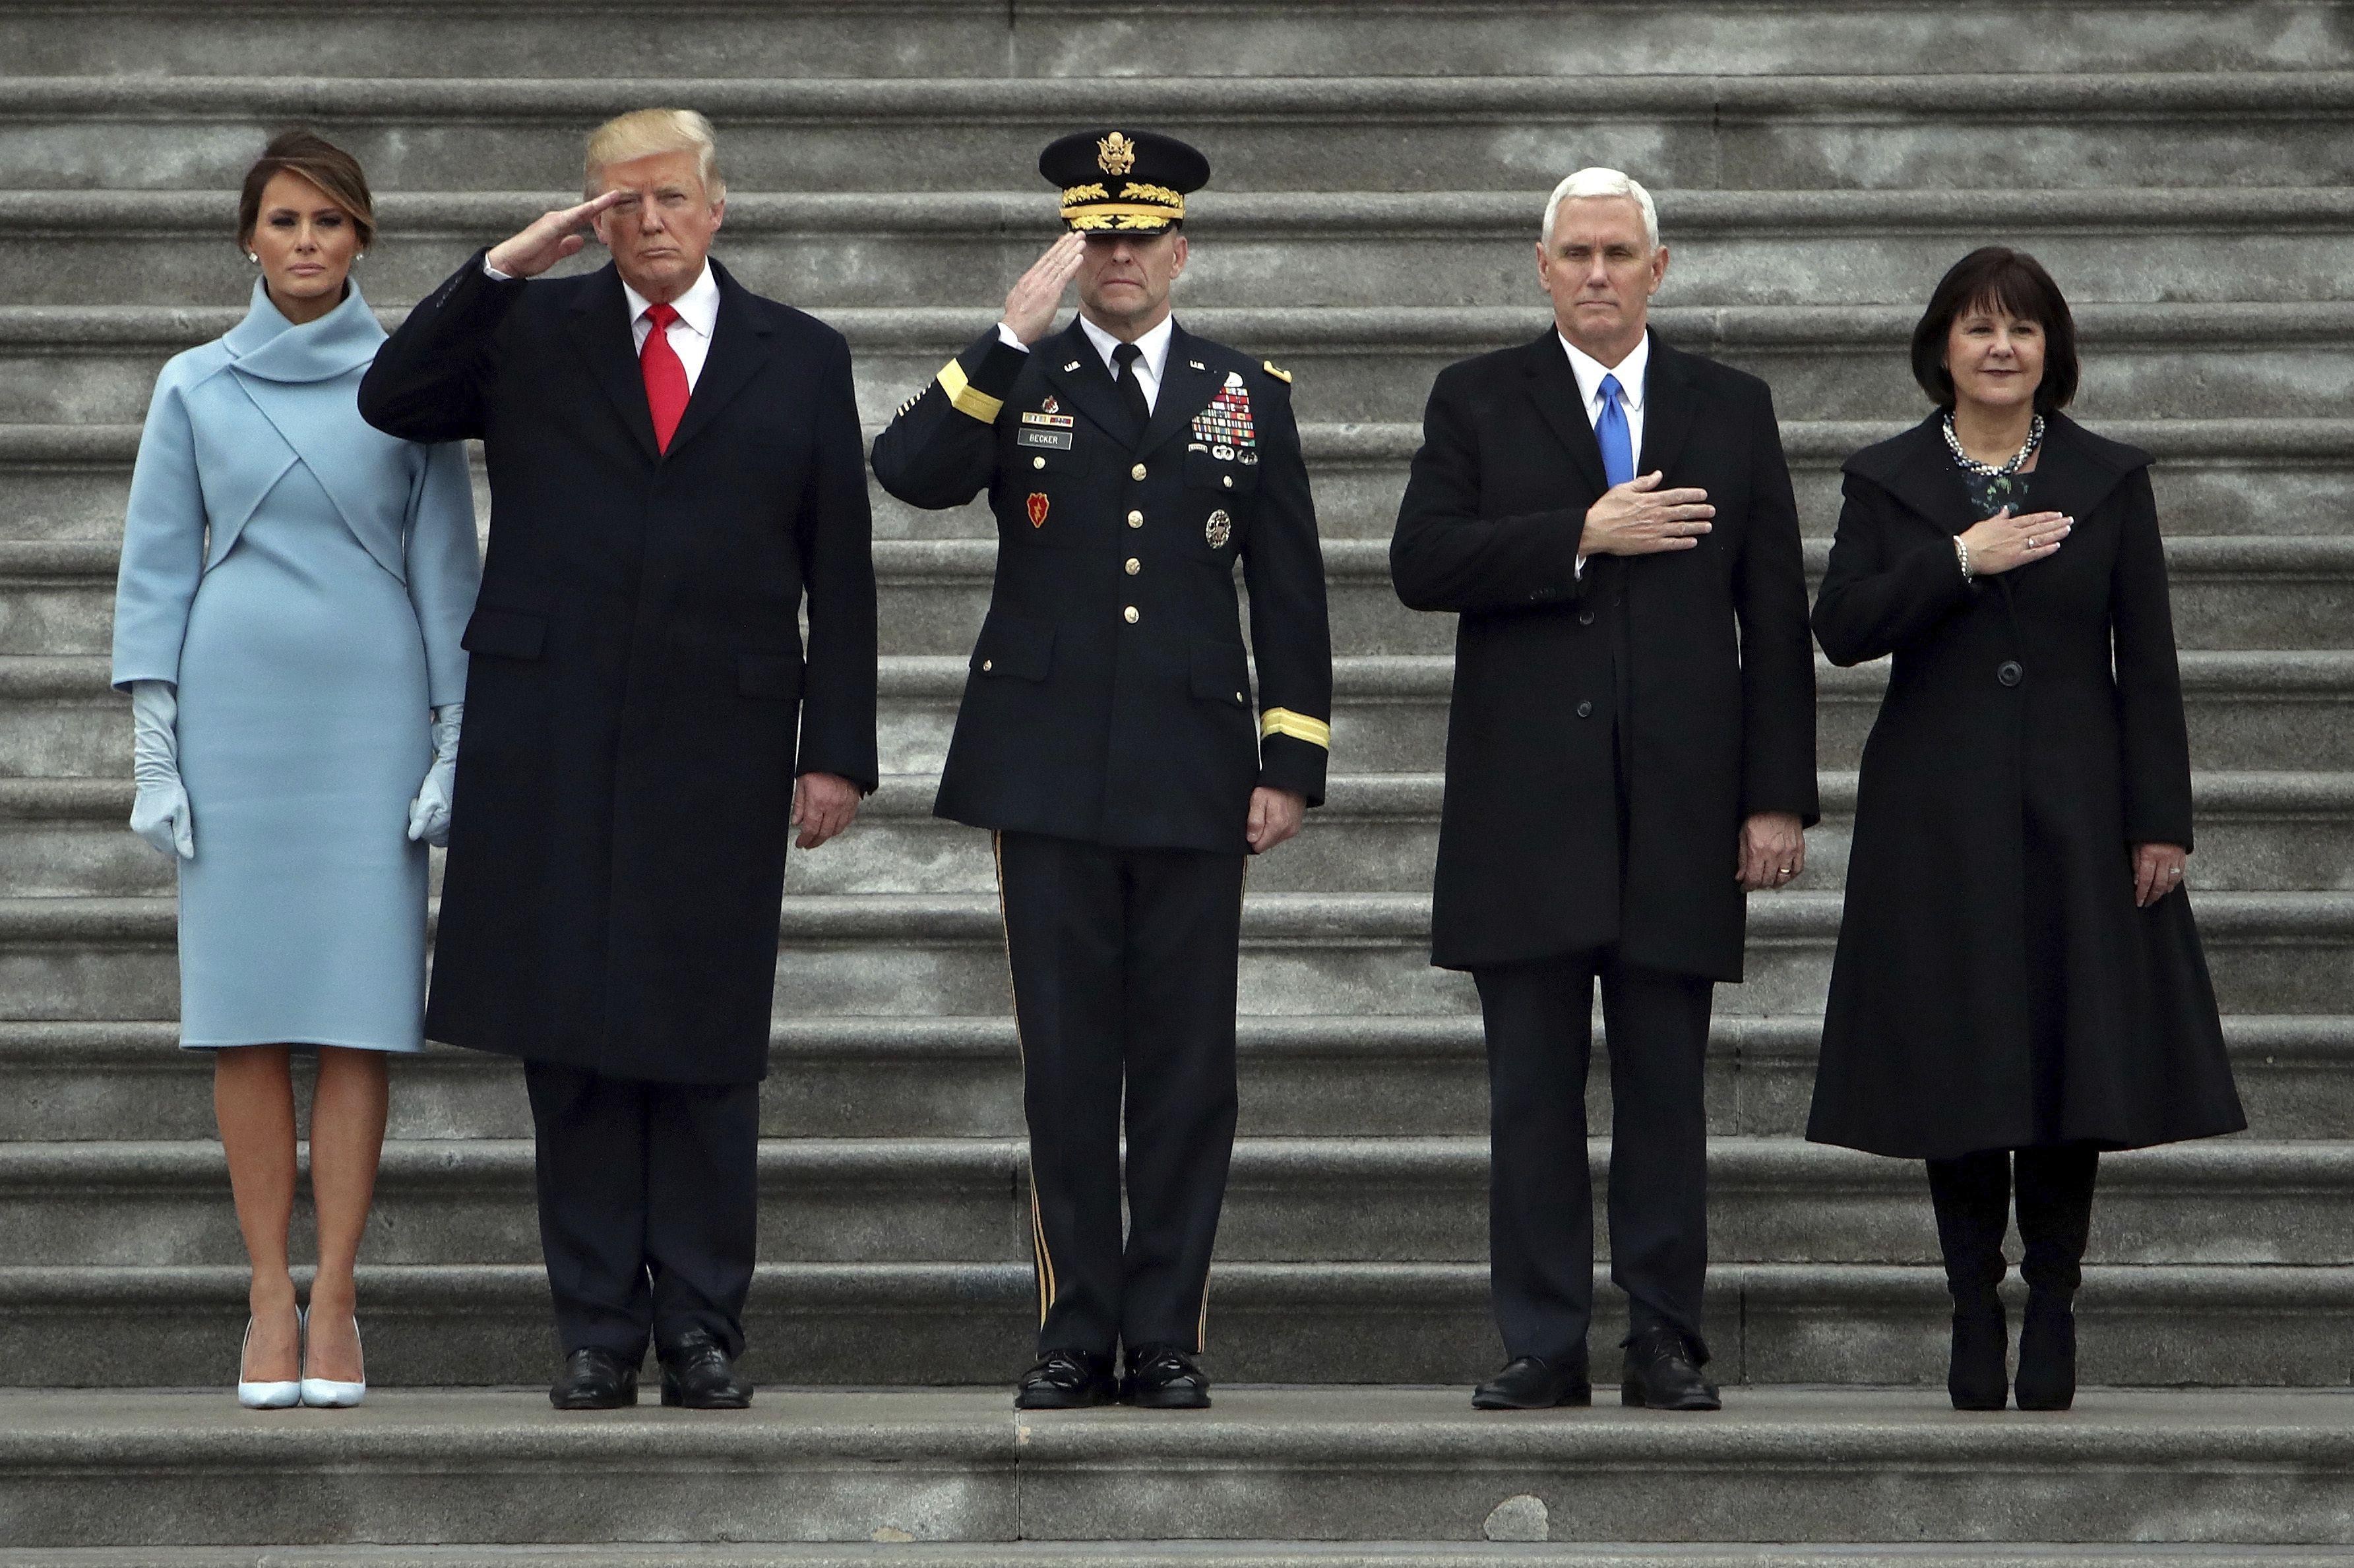 Jetzt lesen: Trumps Handelskrieg: Akute Crash-Gefahr für die US-Wirtschaft - http://ift.tt/2lEcPU6 #news